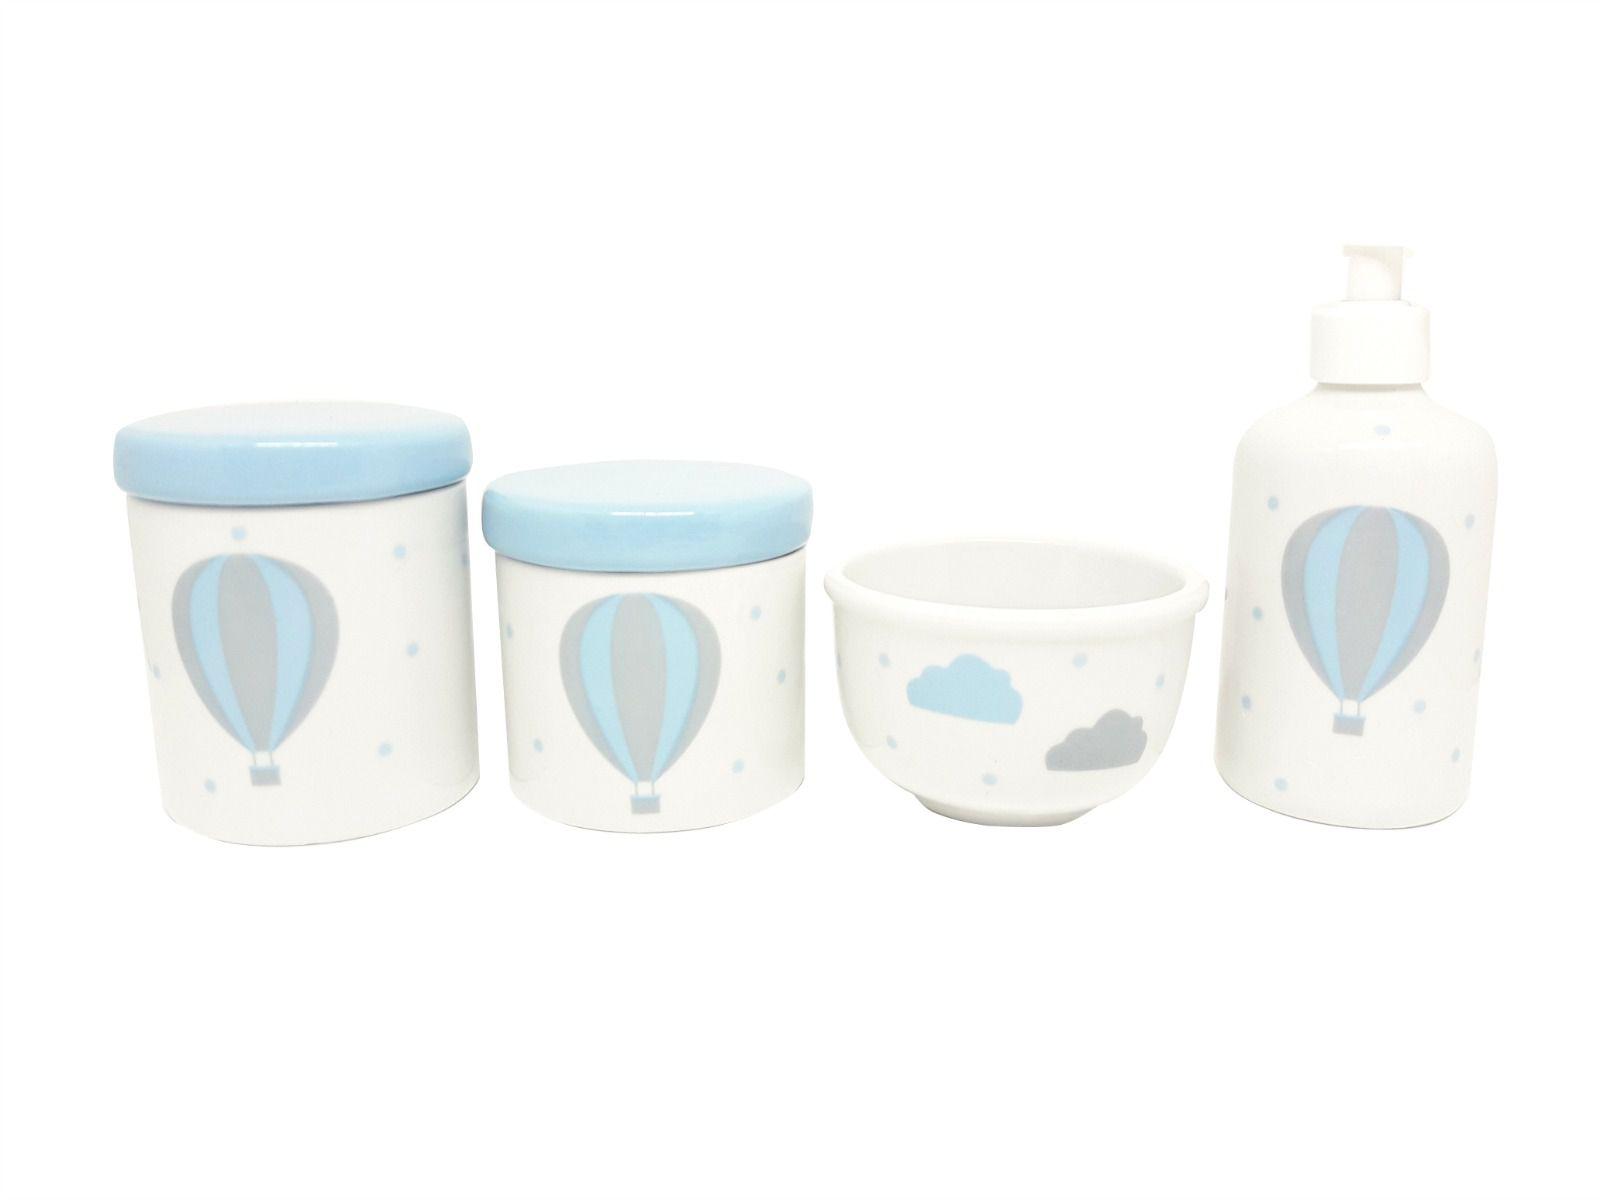 Kit Higiene Bebê Porcelana Balão Azul e Cinza | Nuvem | 4 peças | Tampas Azuis